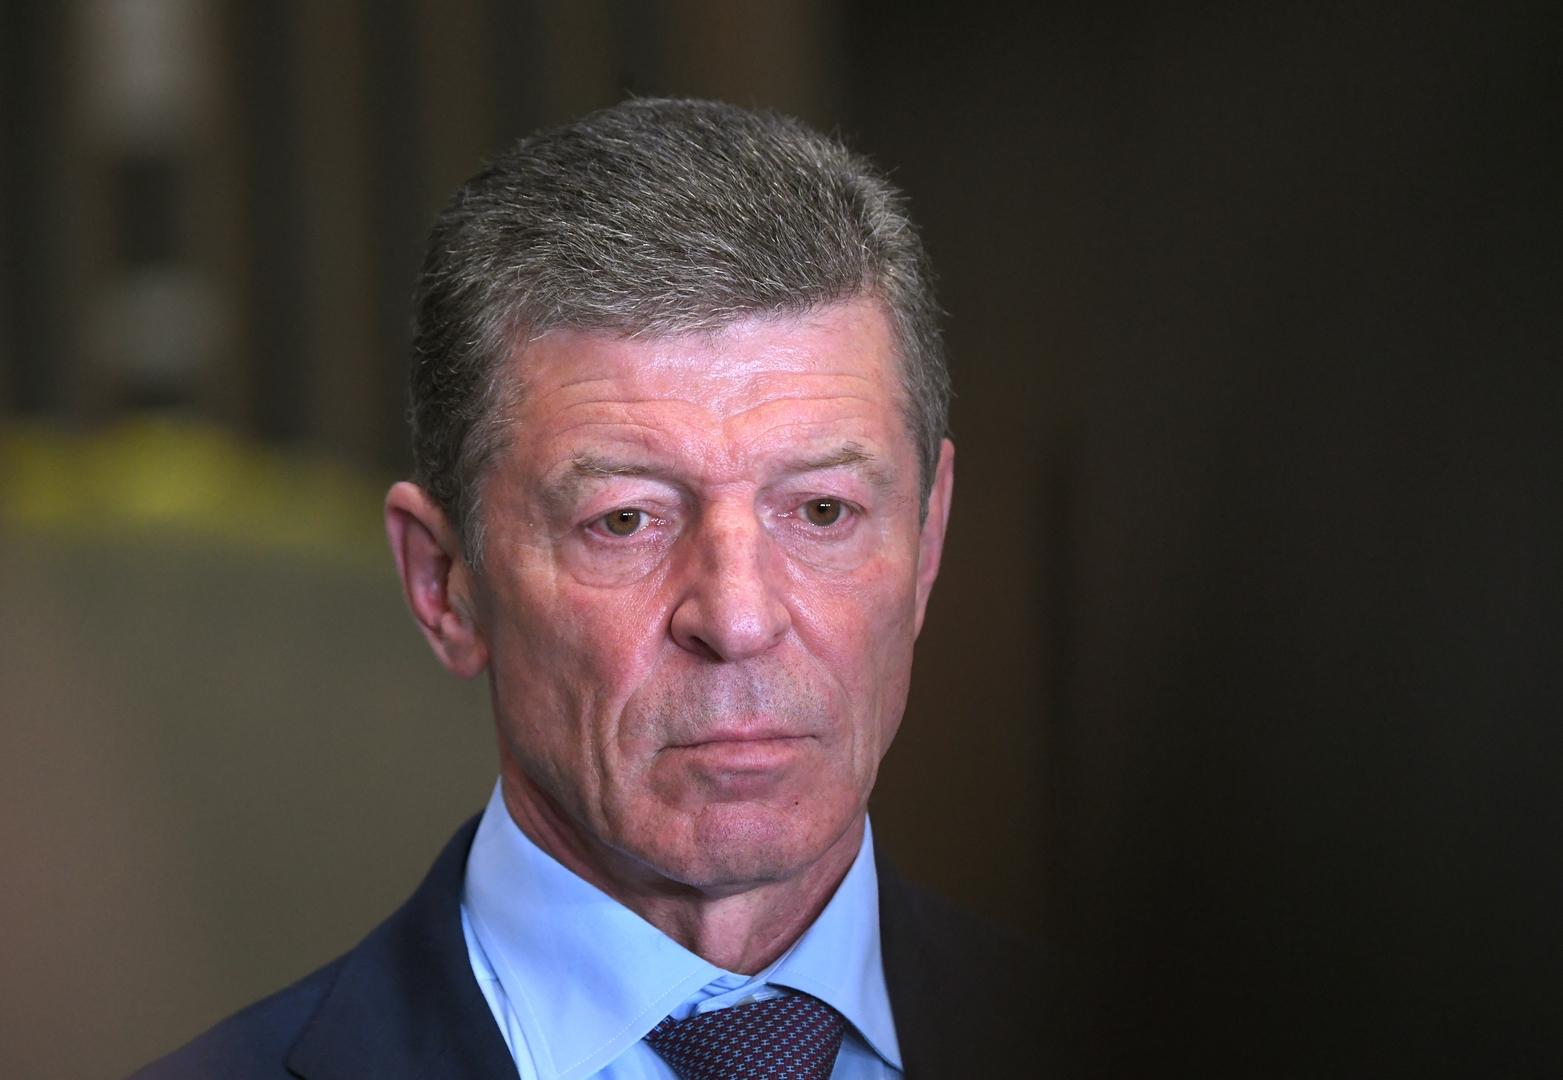 مسؤول روسي: نحن على وشك إنشاء آلية جديدة لحل النزاع في جنوب شرق أوكرانيا